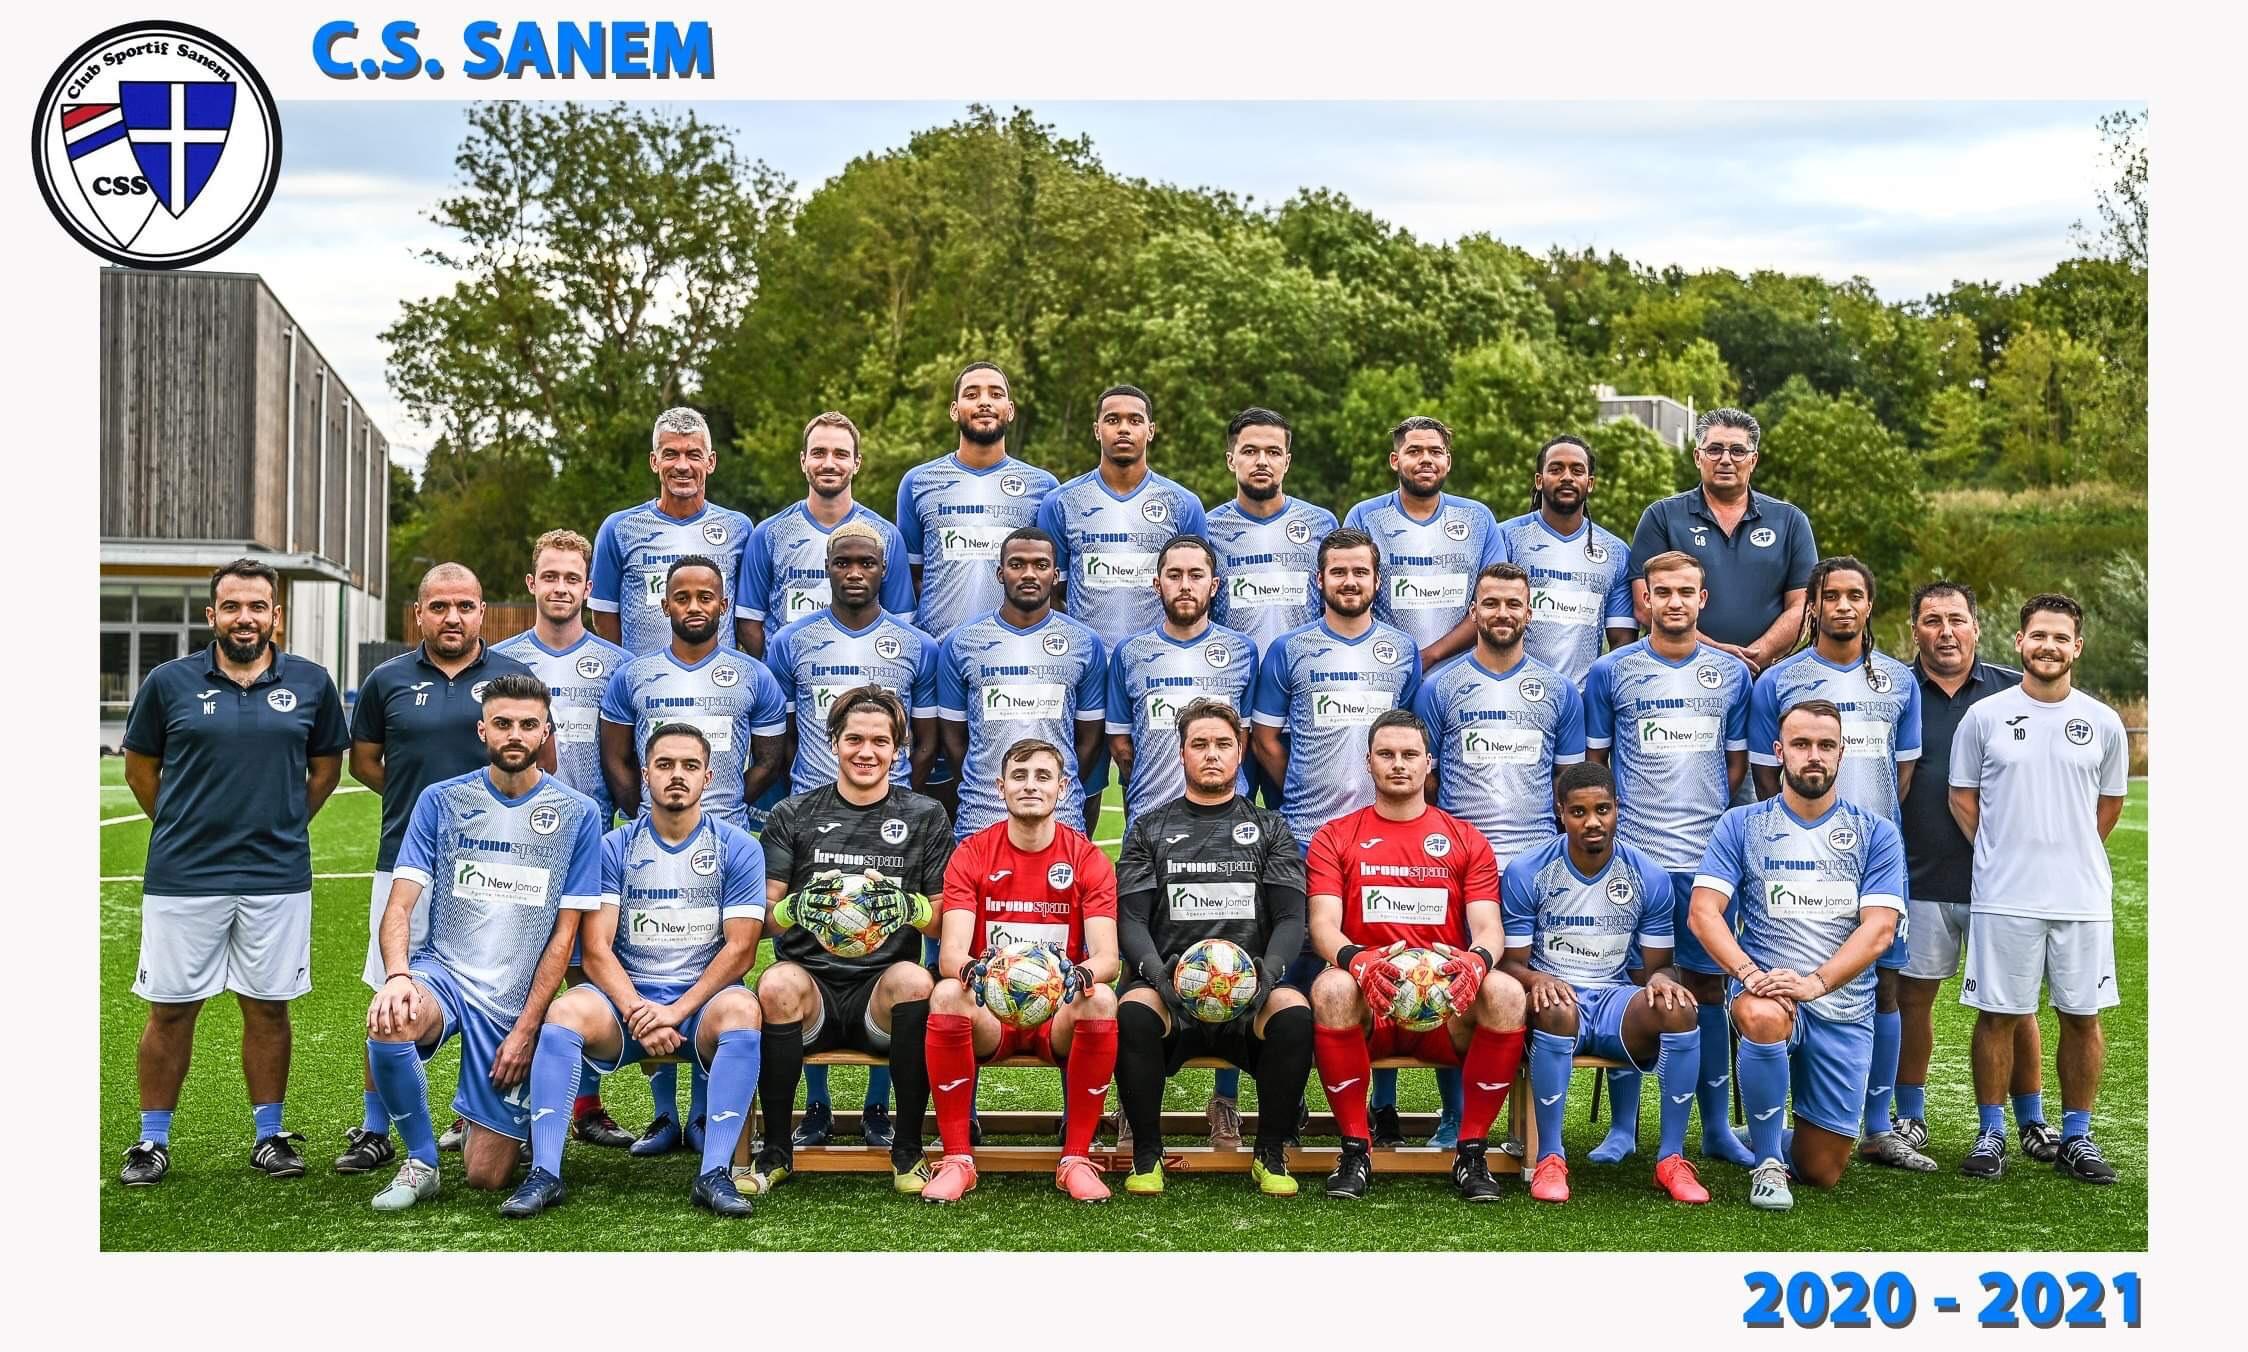 Ons néiEquipenfoto prett fir de Start vu der Saison 2020-2021 Seniors 1